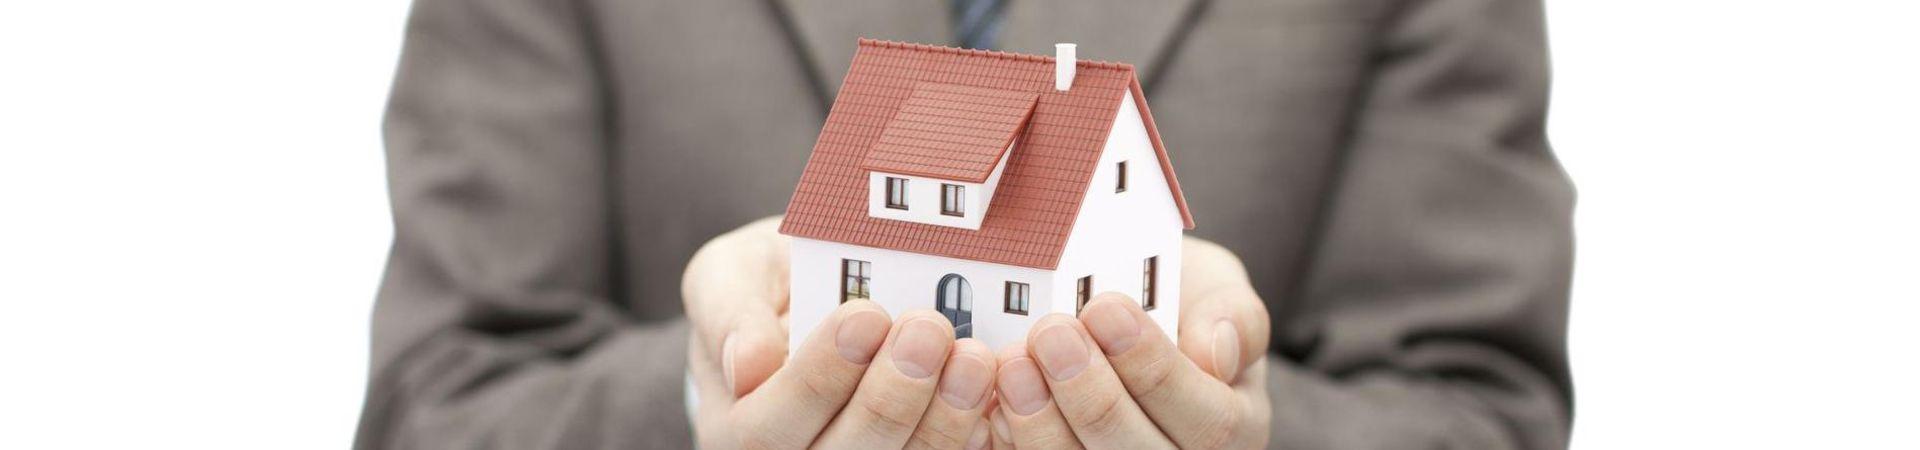 bewertungsanl sse f r eine immobilienbewertung. Black Bedroom Furniture Sets. Home Design Ideas